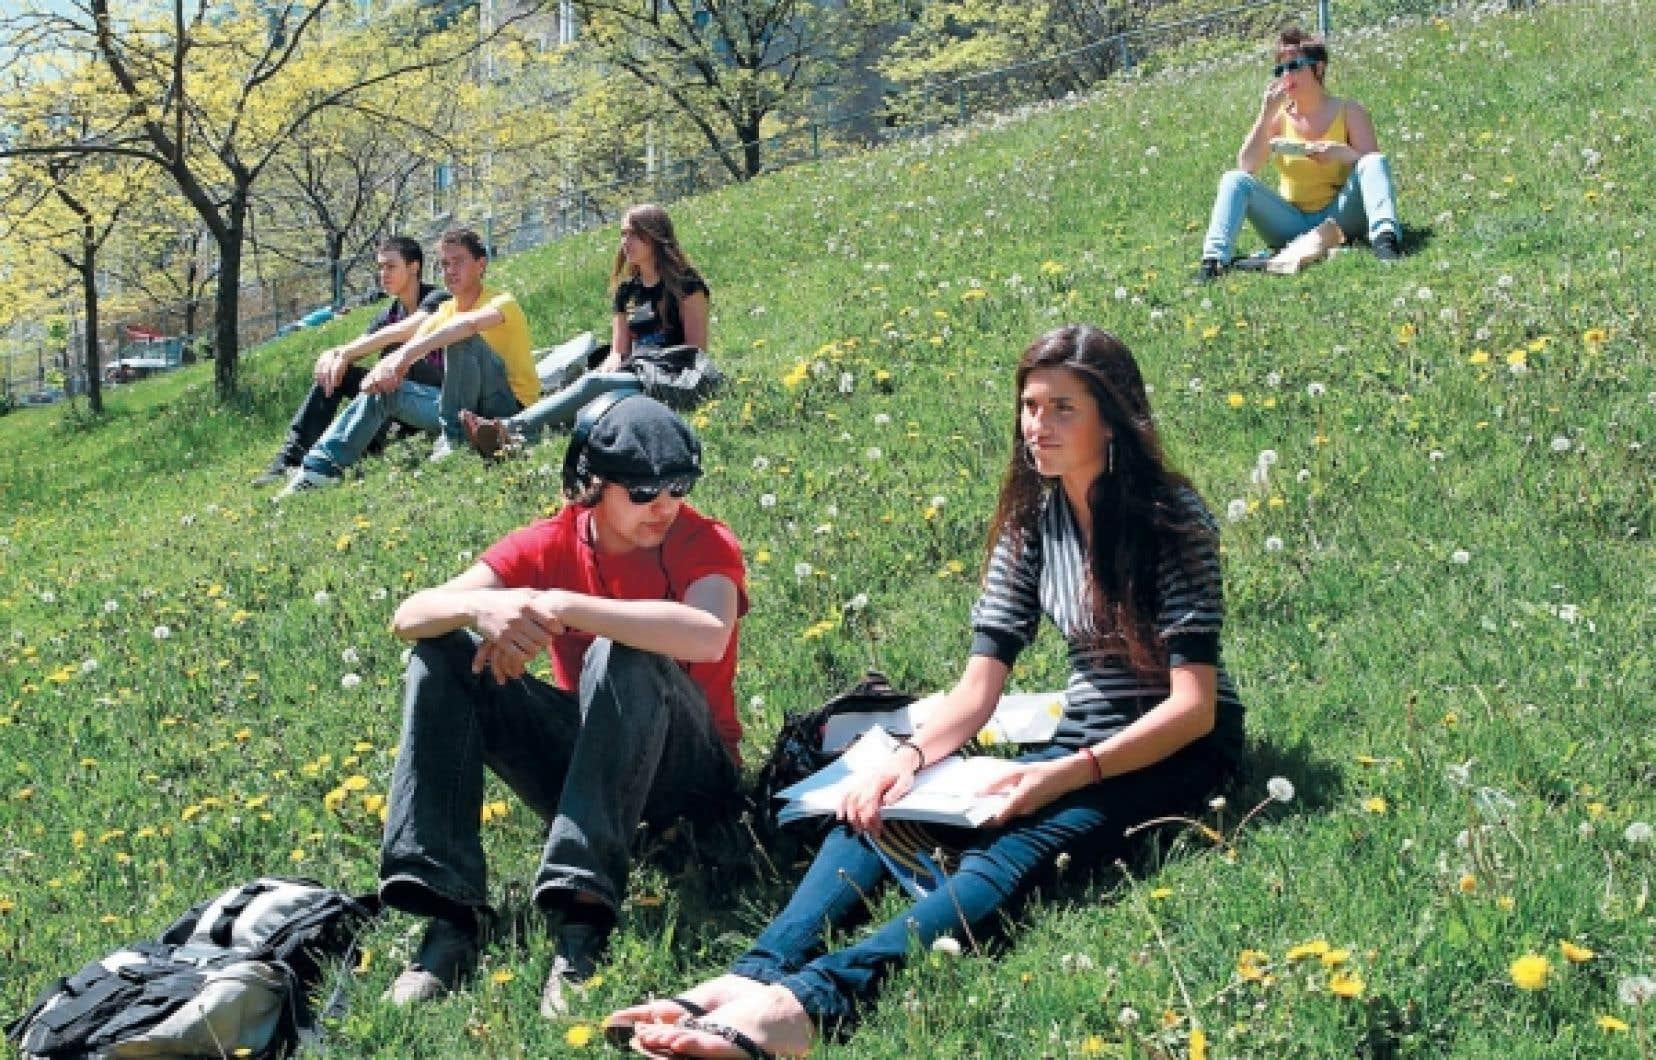 Contrairement à leurs confrères des cégeps francophones (notre photo), plus de la moitié des étudiants diplômés des établissements anglophones de Montréal n'ont pas le niveau nécessaire en français dans un contexte de travail, tant à l'oral qu'à l'écrit.